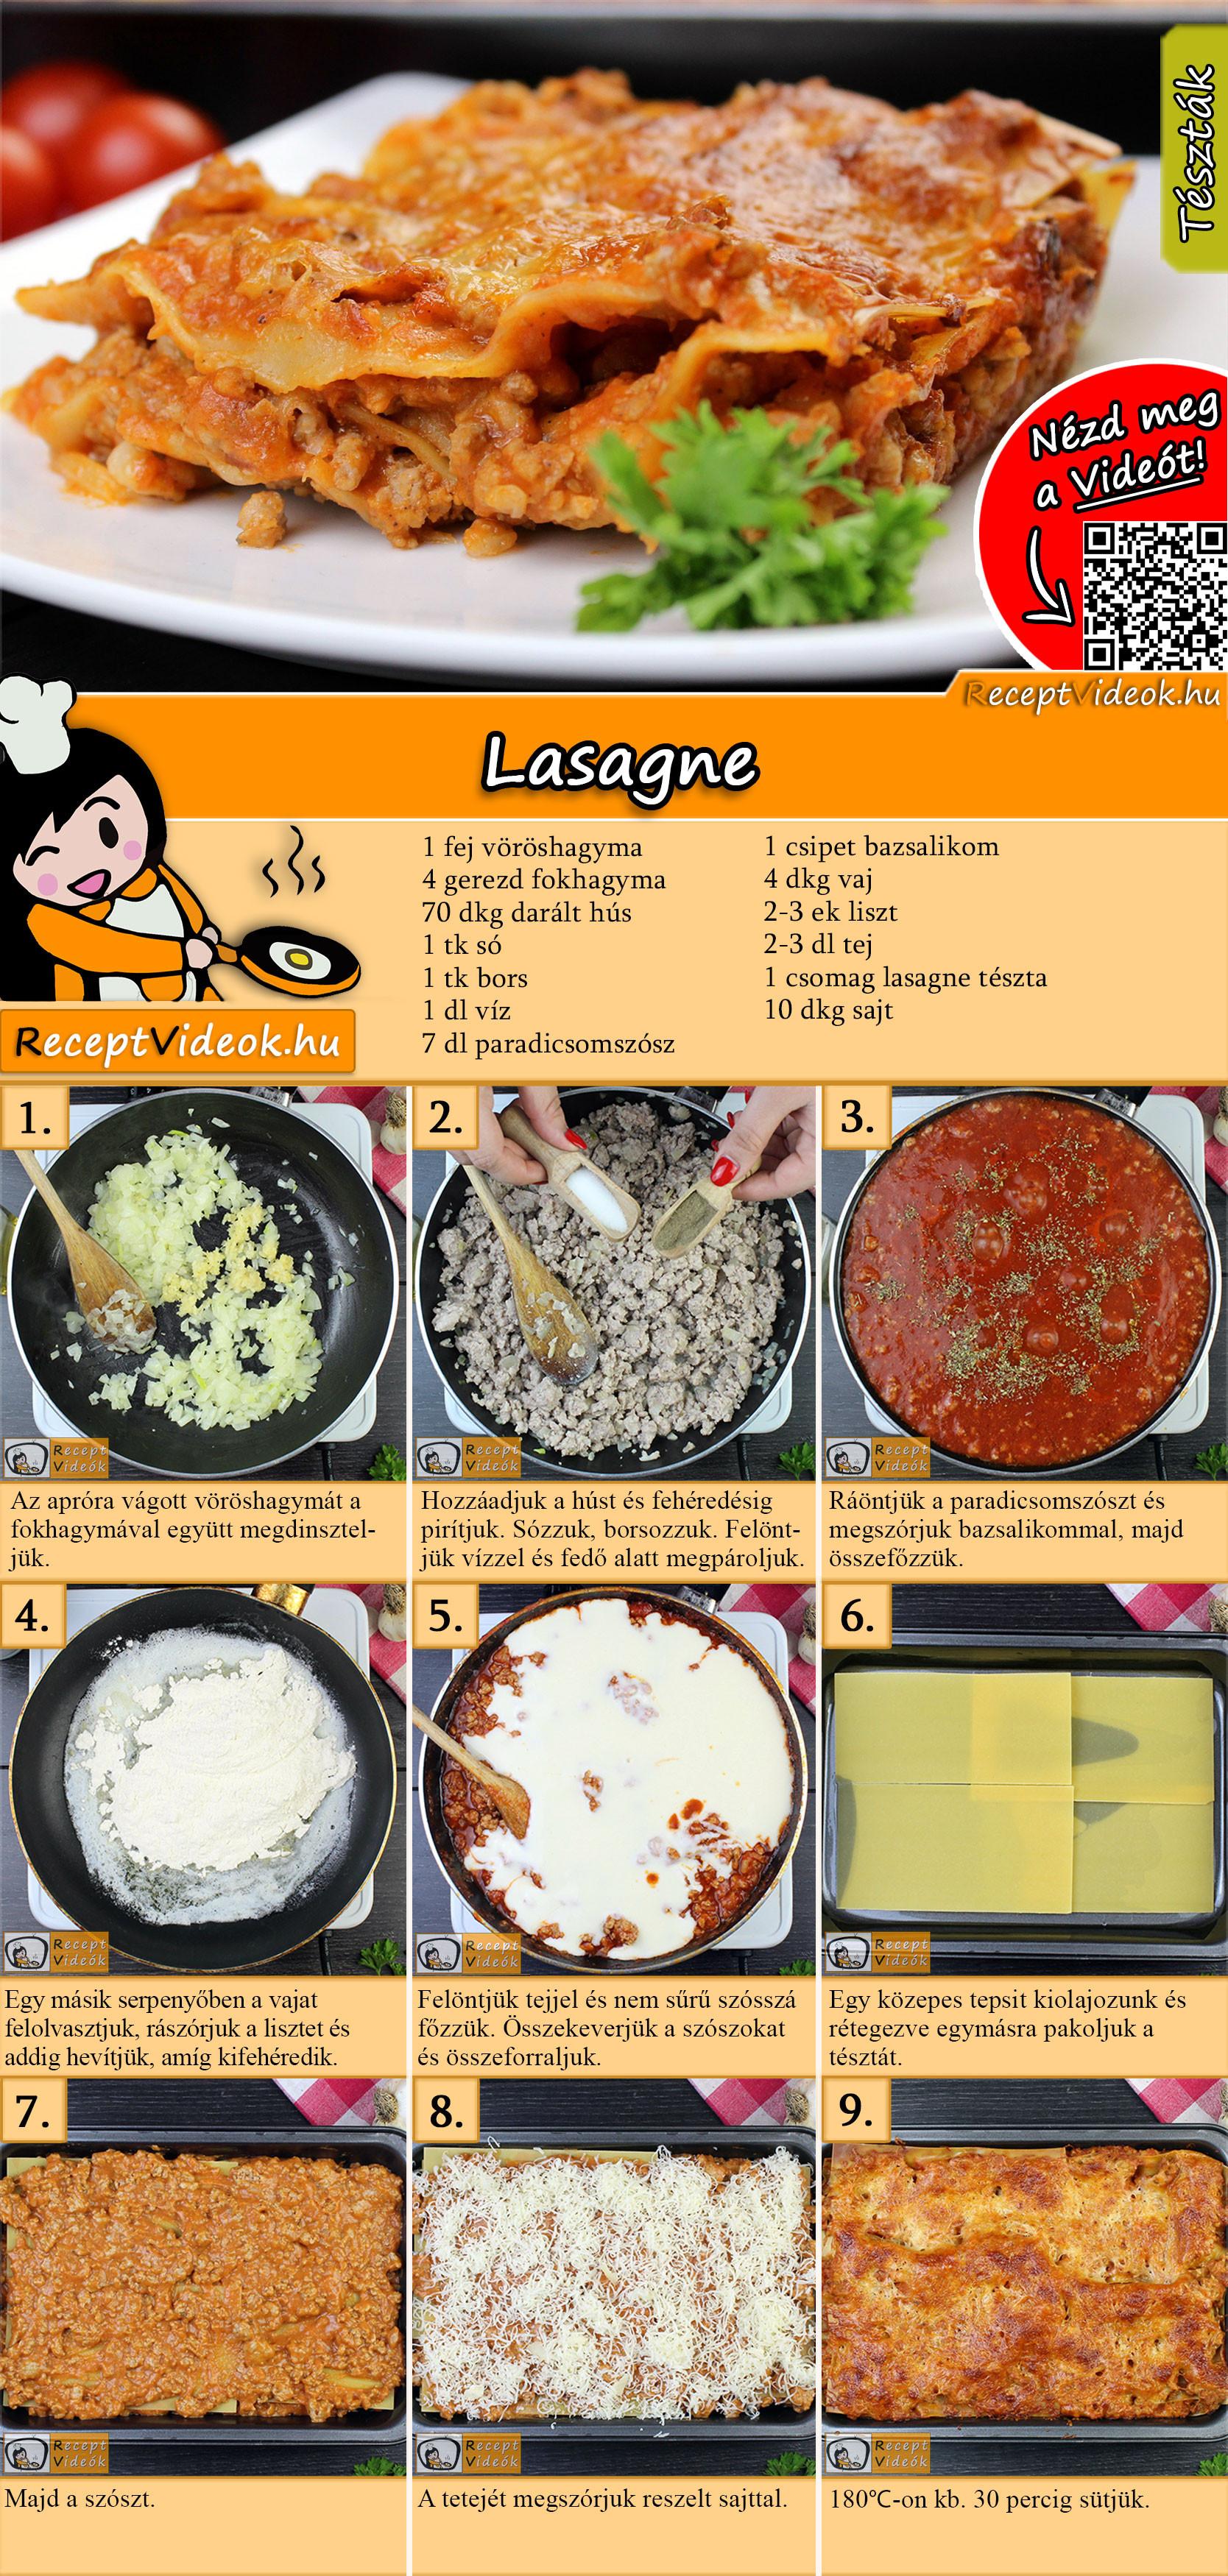 Lasagne recept elkészítése videóval